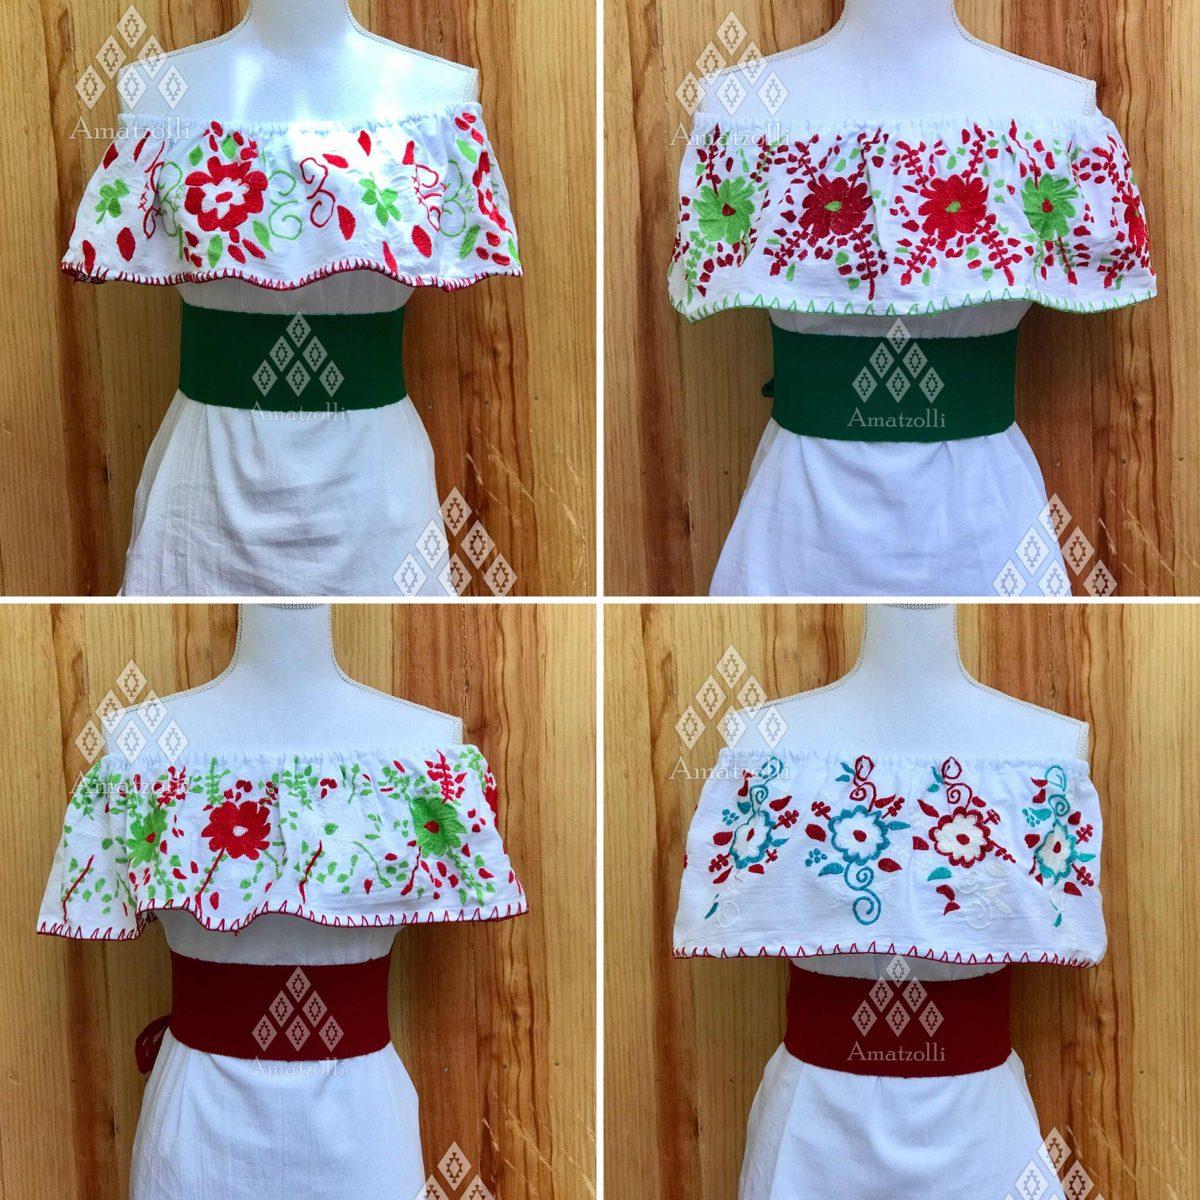 abcf39391 Ropa Para Fiestas Patrias Mexicanas   Wig Elegance